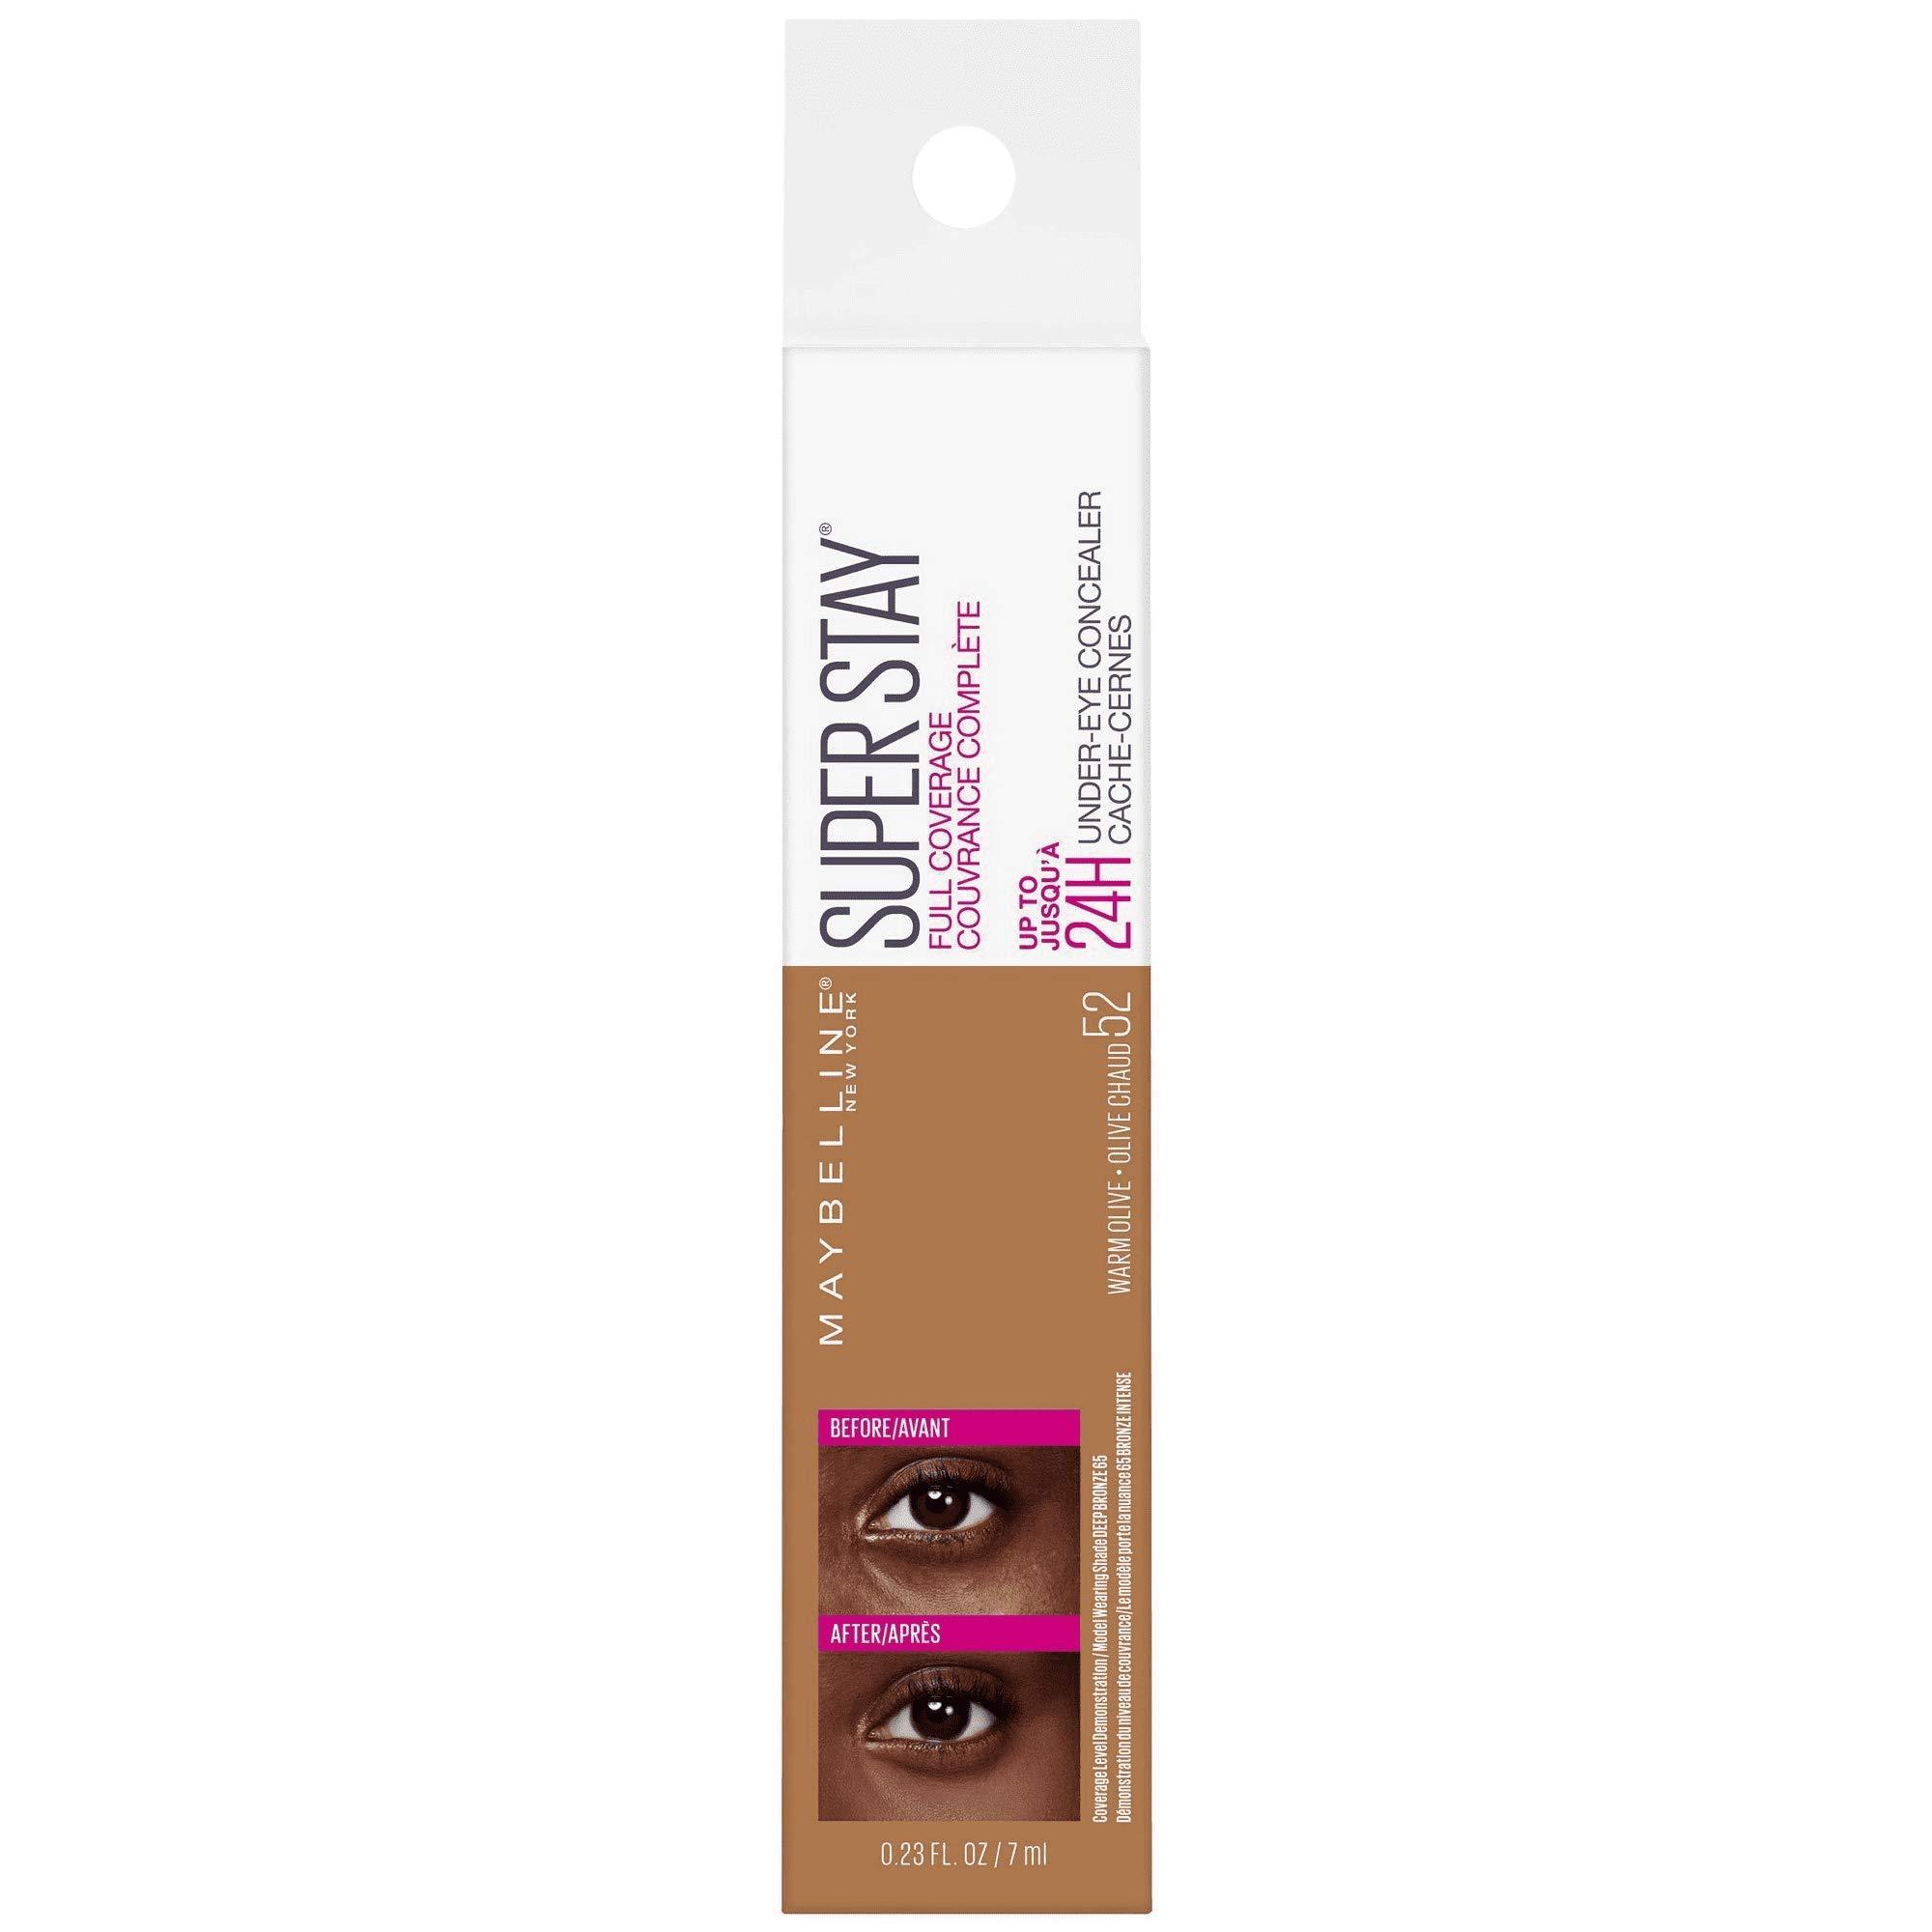 Super Stay Full Coverage Long Lasting Under-Eye Concealer, 52 Warm Olive, 0.23 fl oz (Pack of 2)